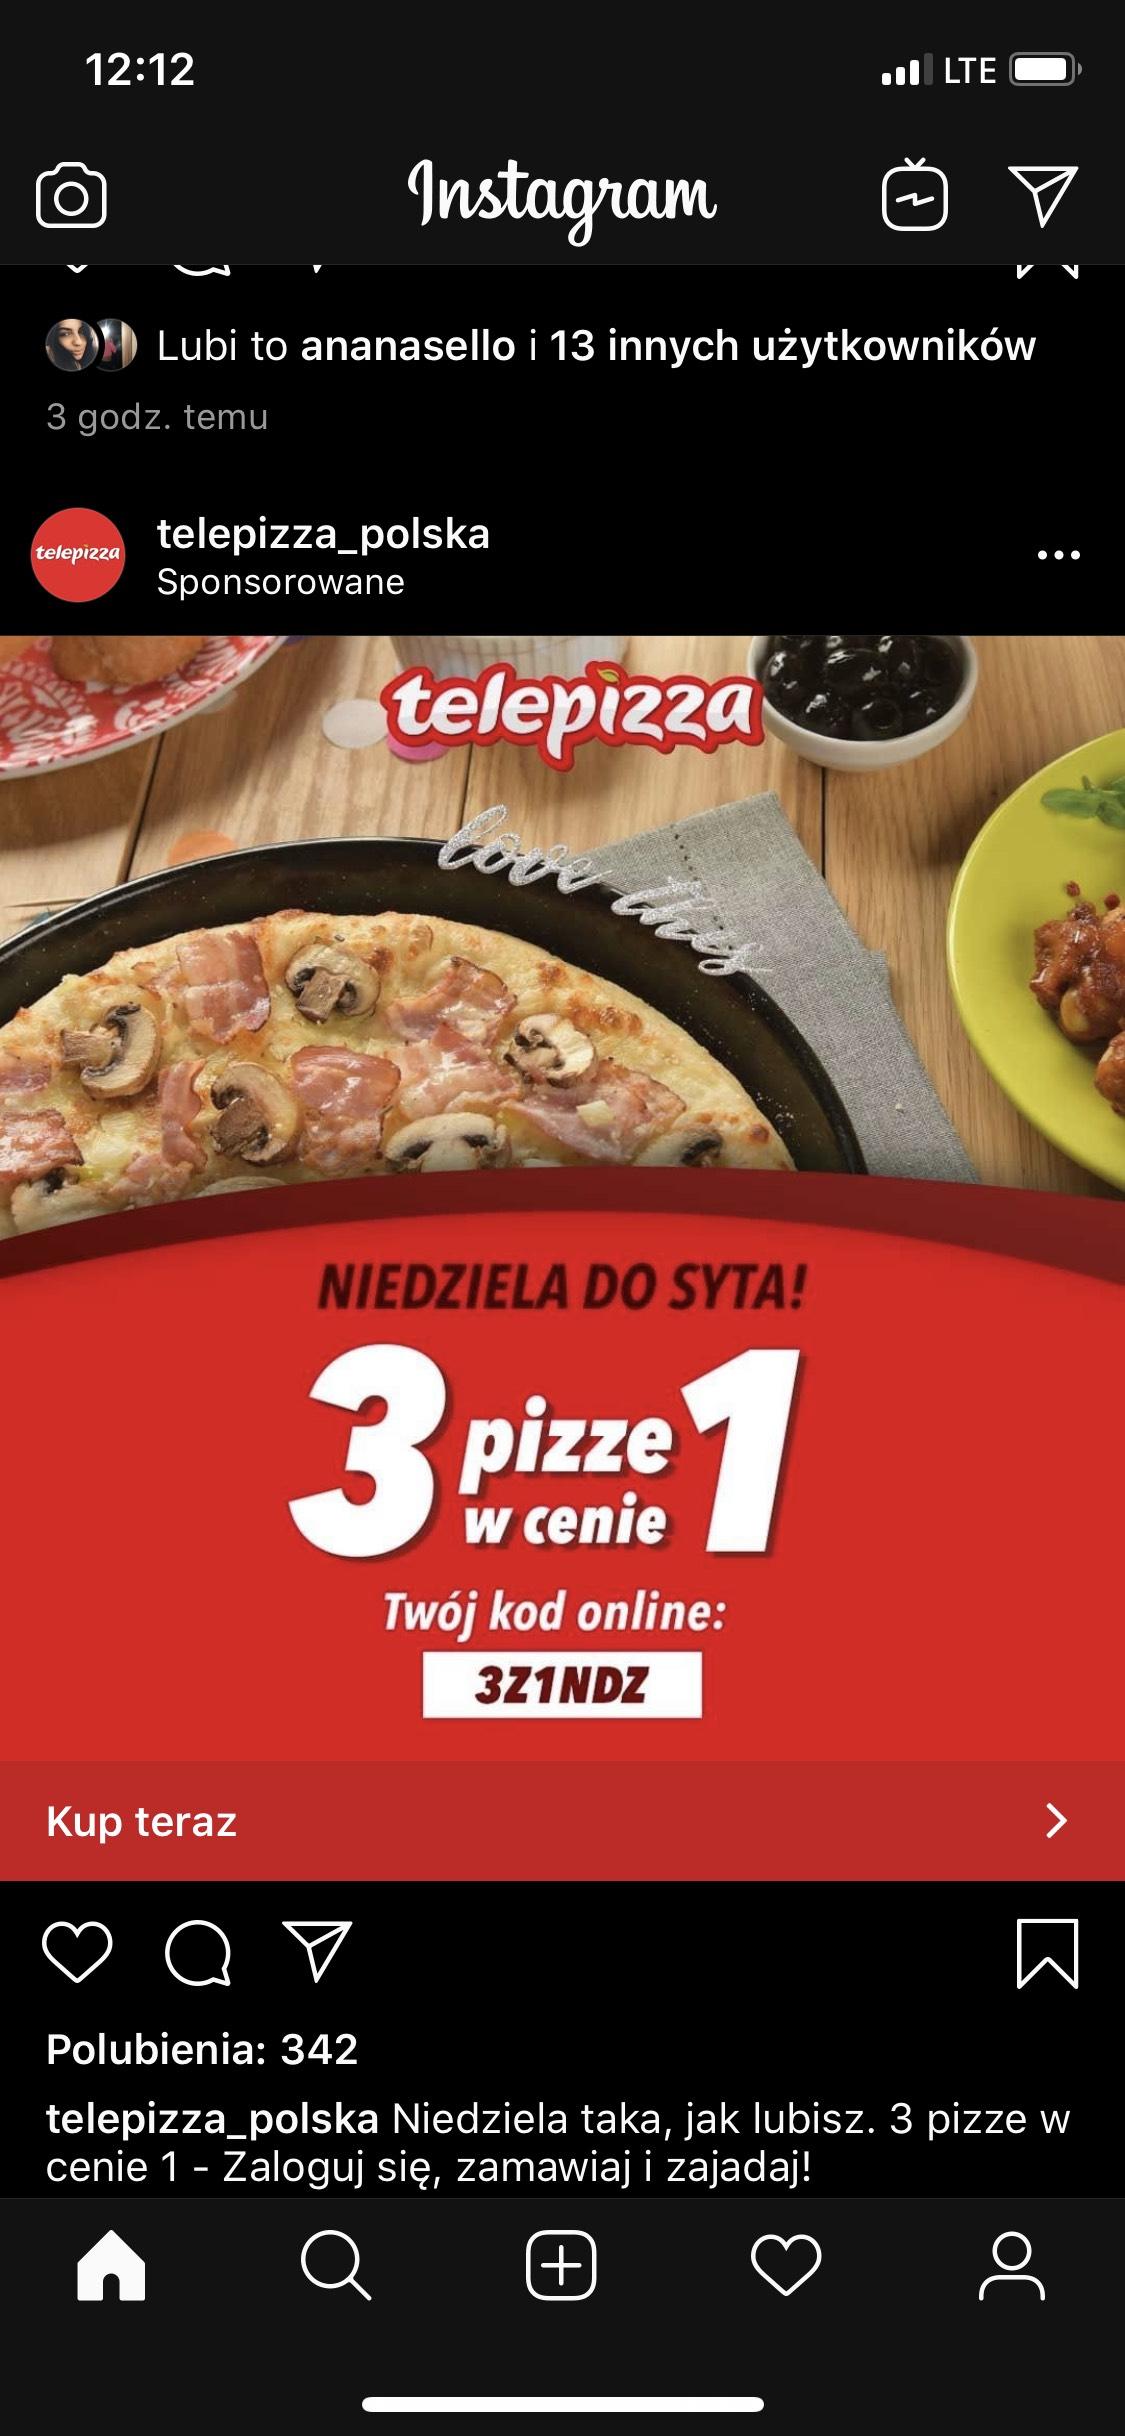 3 duże pizze w cenie 1 Telepizza